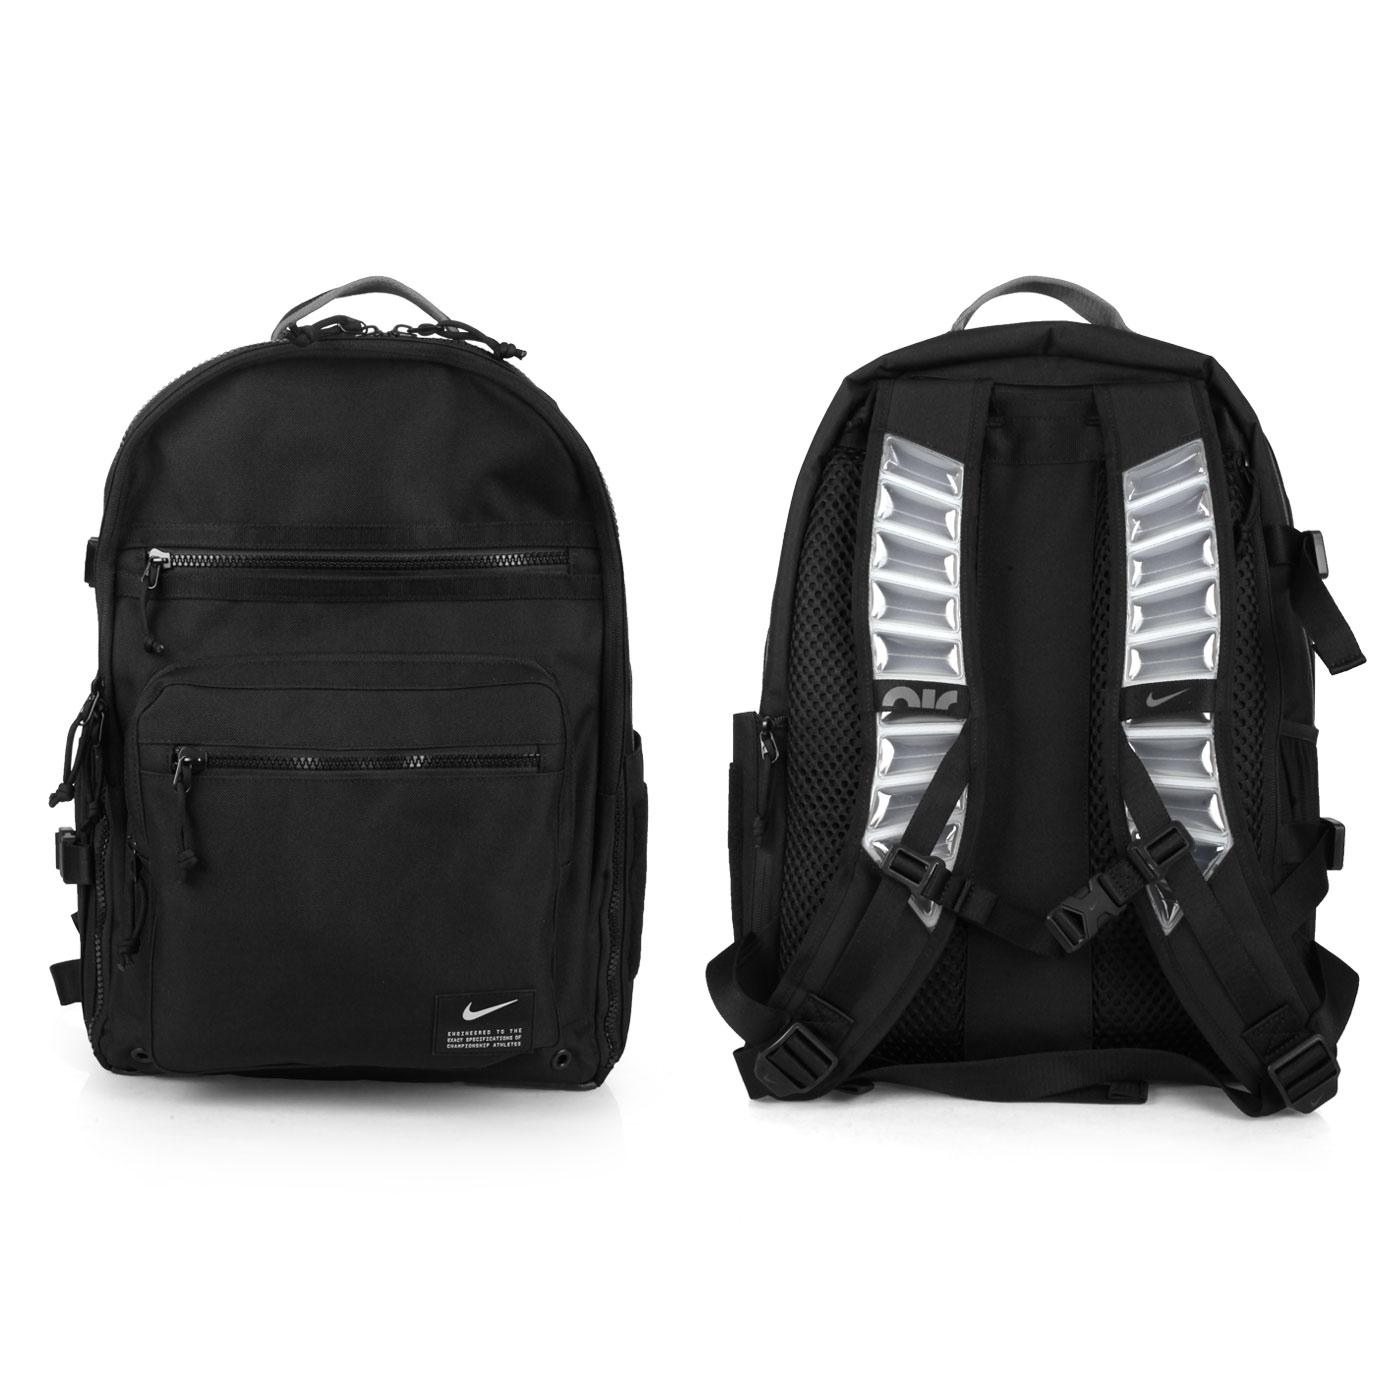 NIKE 大型氣墊背帶後背包 CK2663-010 - 黑